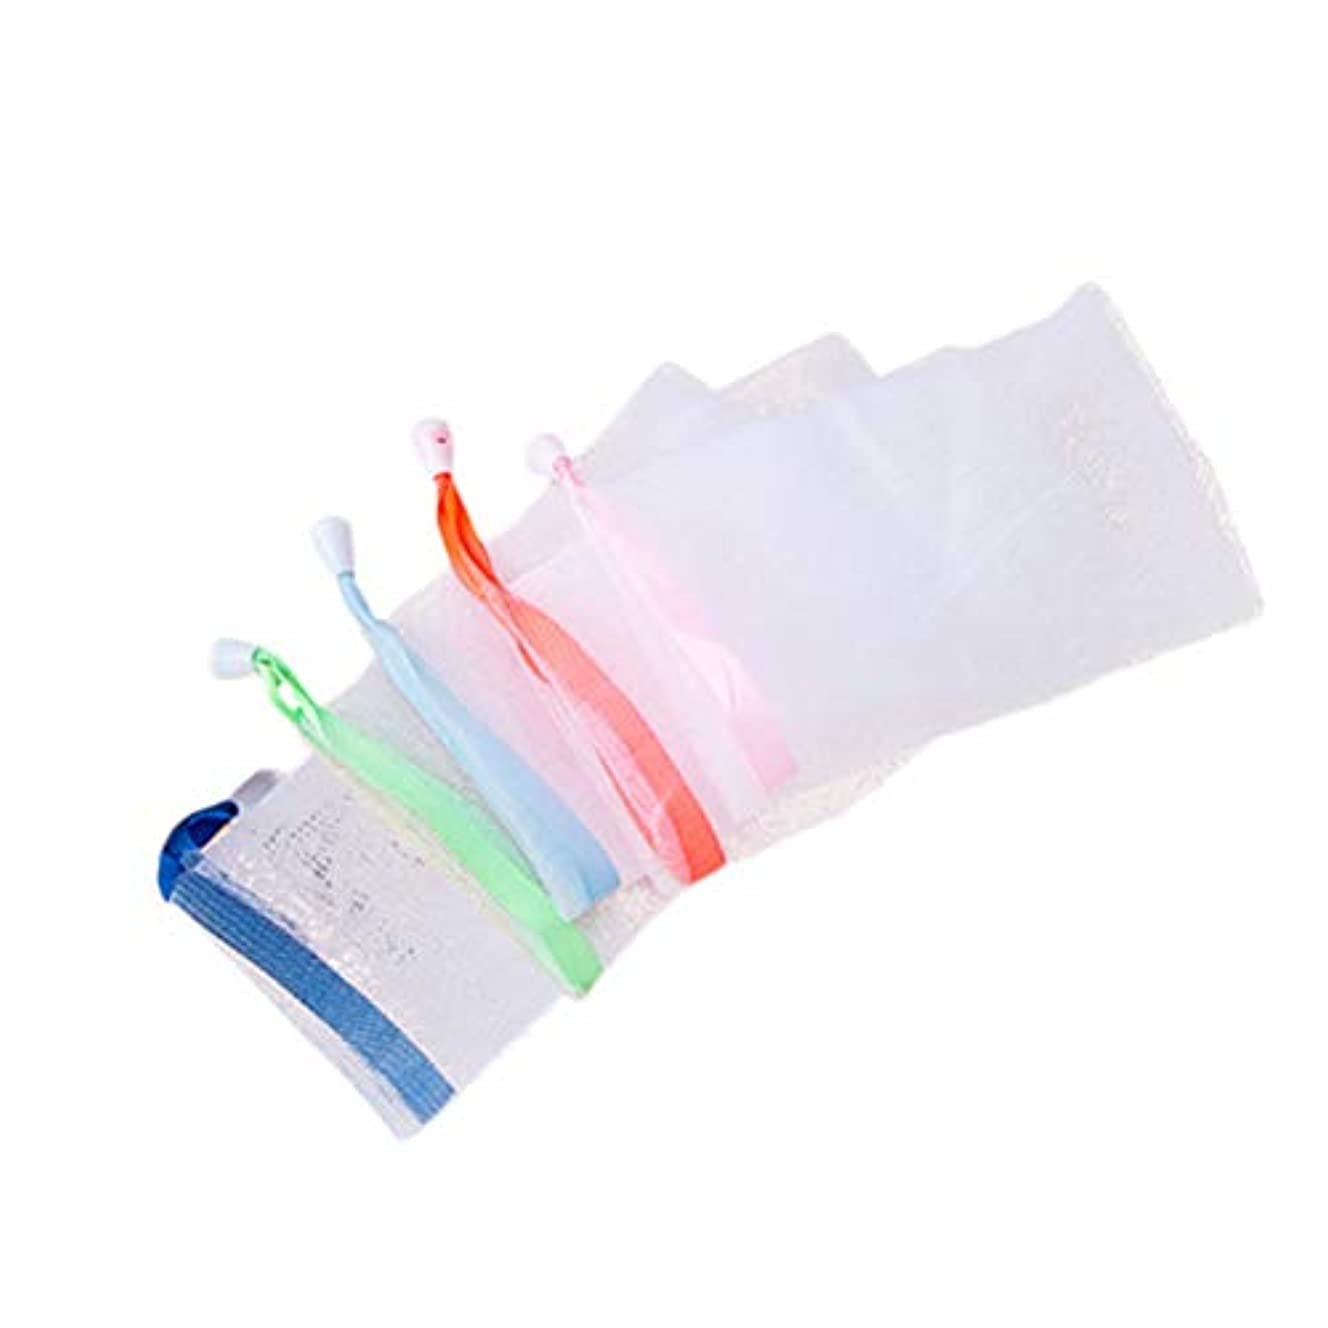 避難する好奇心盛版HEALIFTY 9pcsを洗う表面のための多彩な石鹸袋の泡立つ純袋の石鹸の泡ネット袋